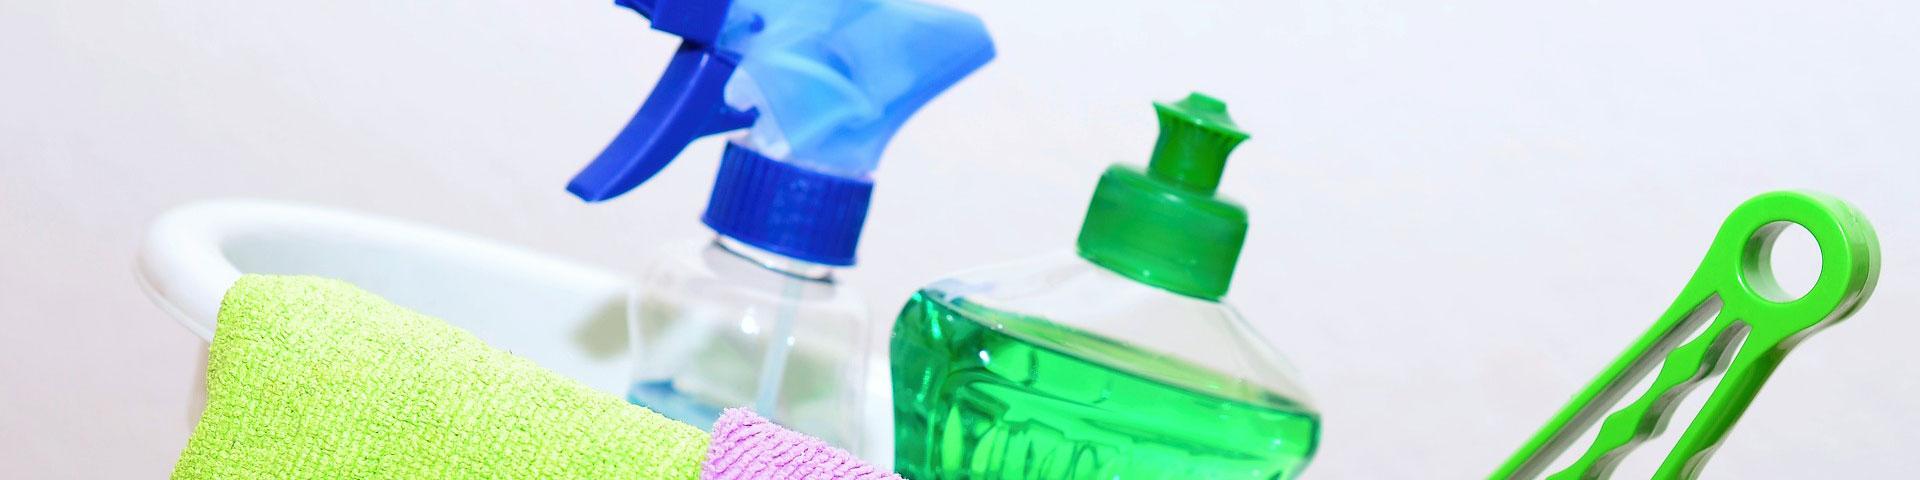 AGQ Labs Colombia, Salud y Seguridad: productos de consumo